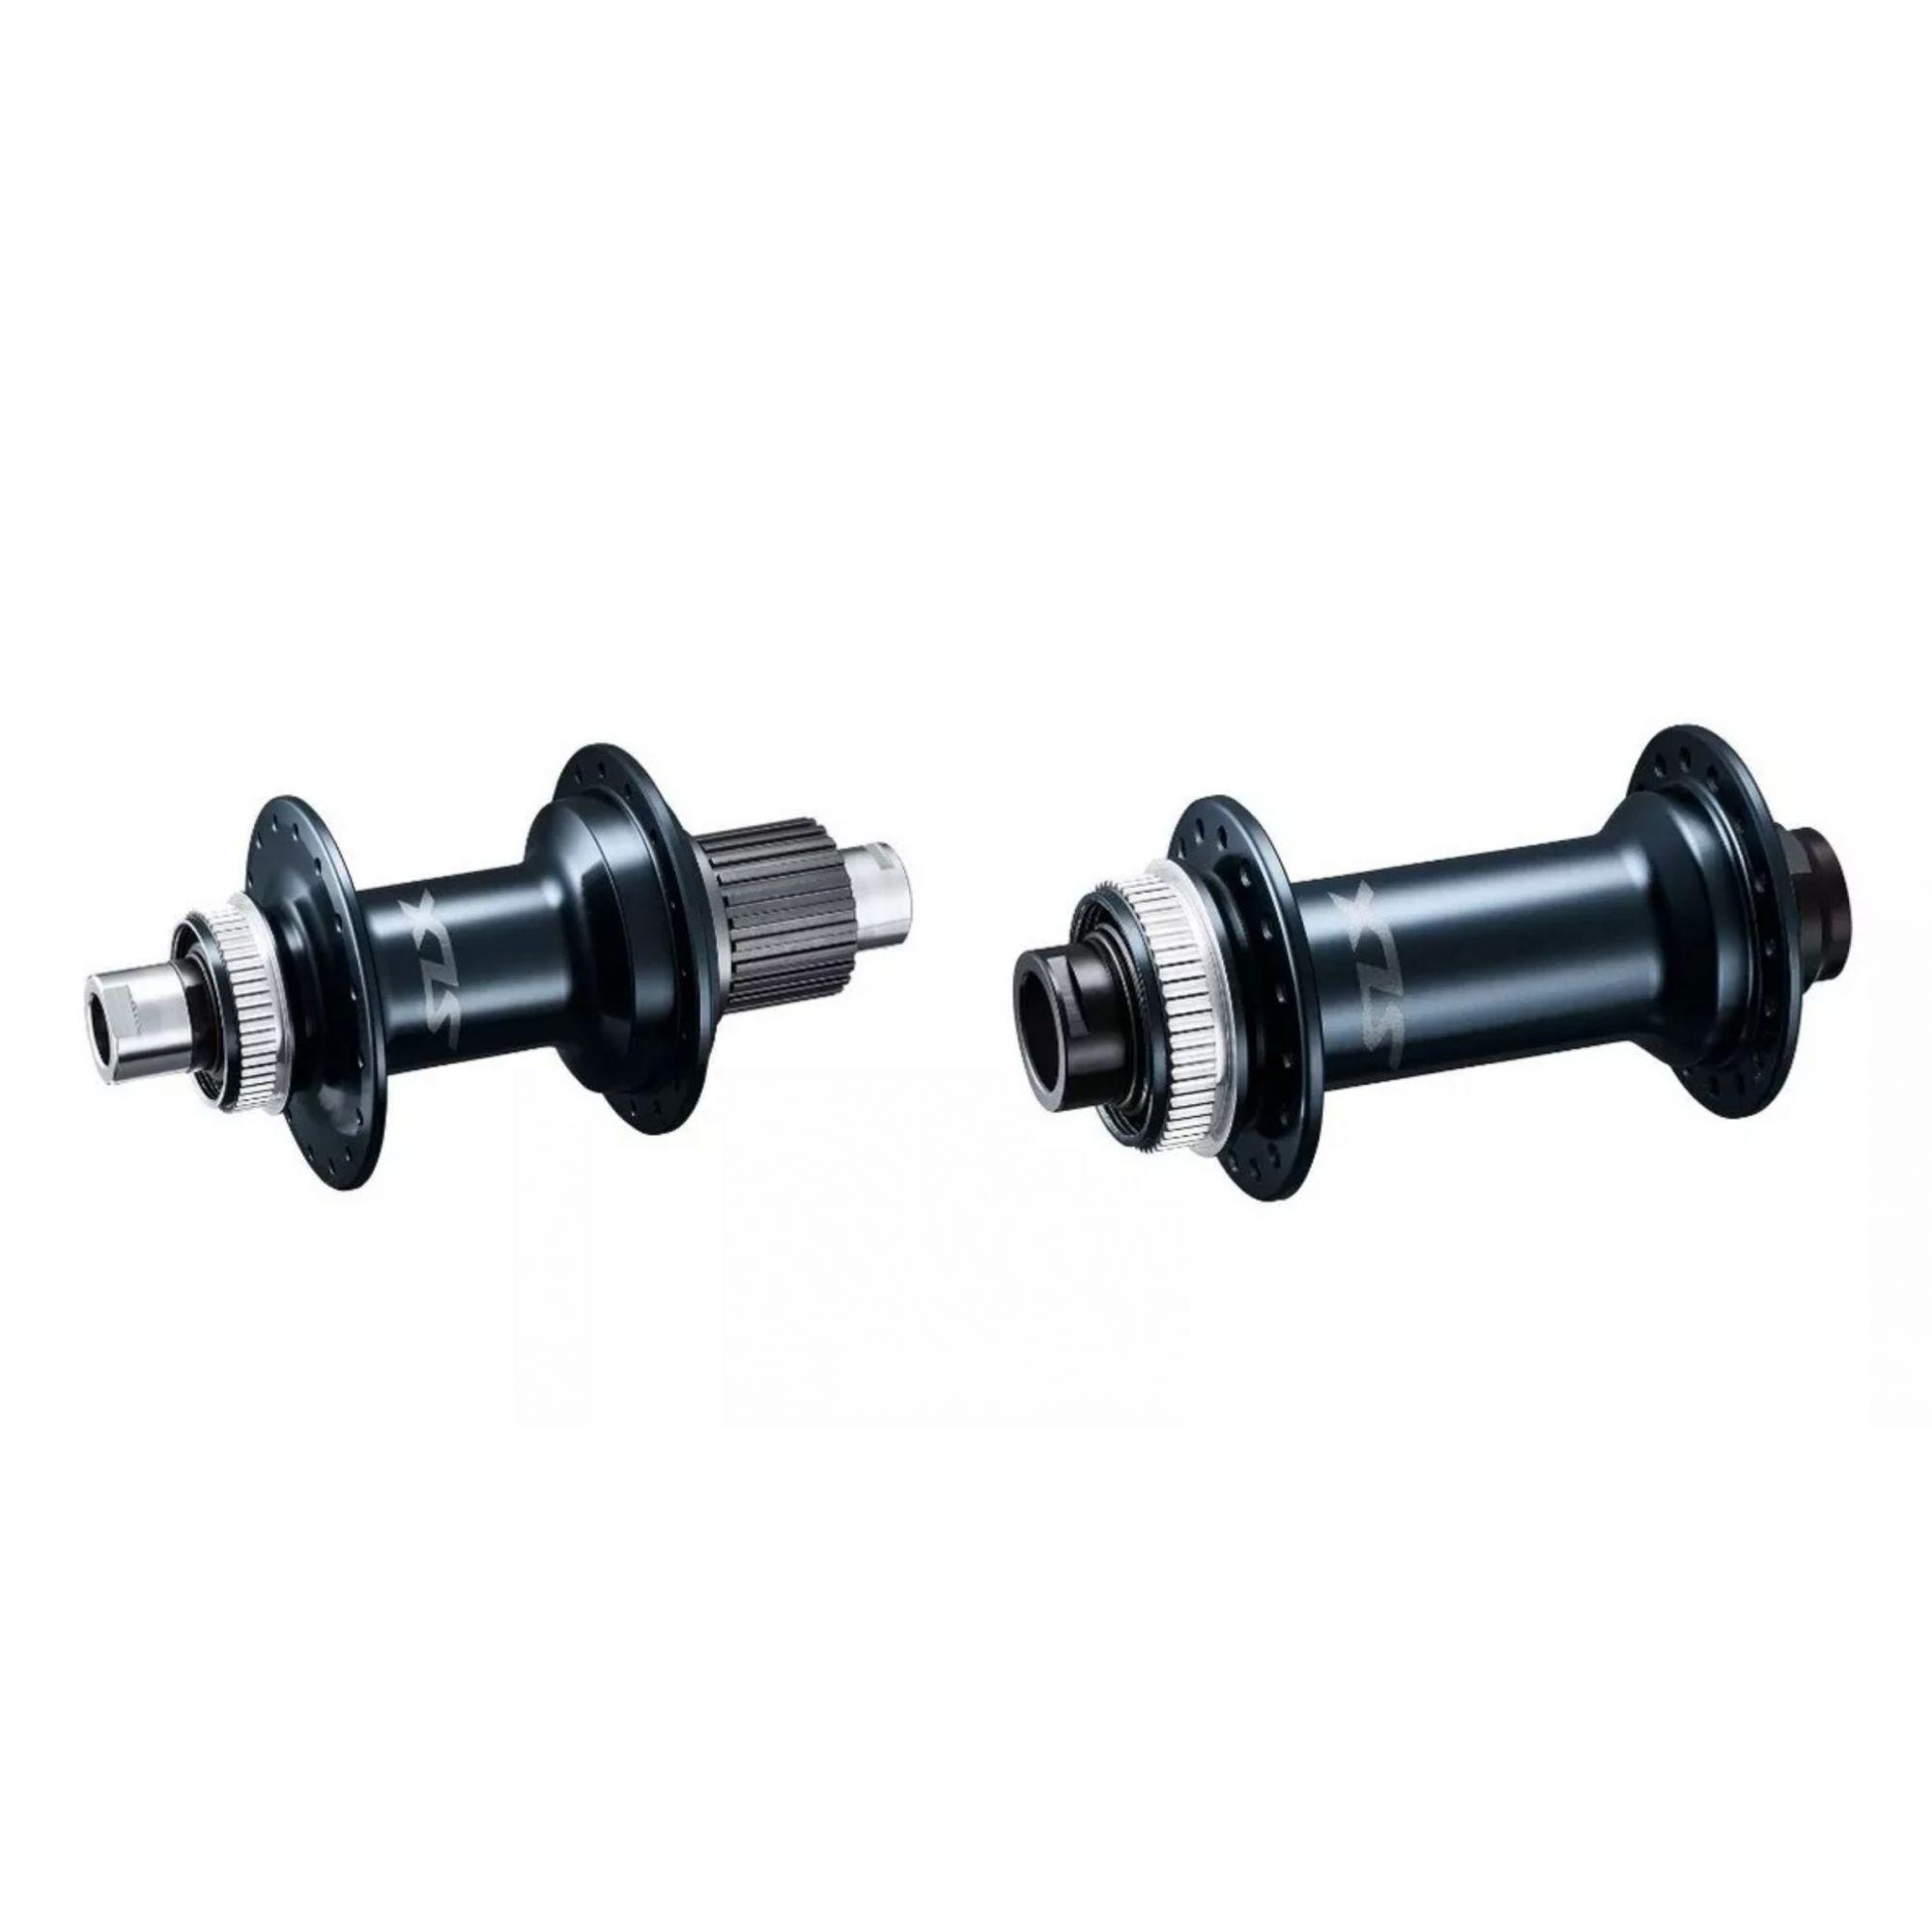 Cubos Shimano Slx M7110 12x142mm + 15x100mm Microspline 12v